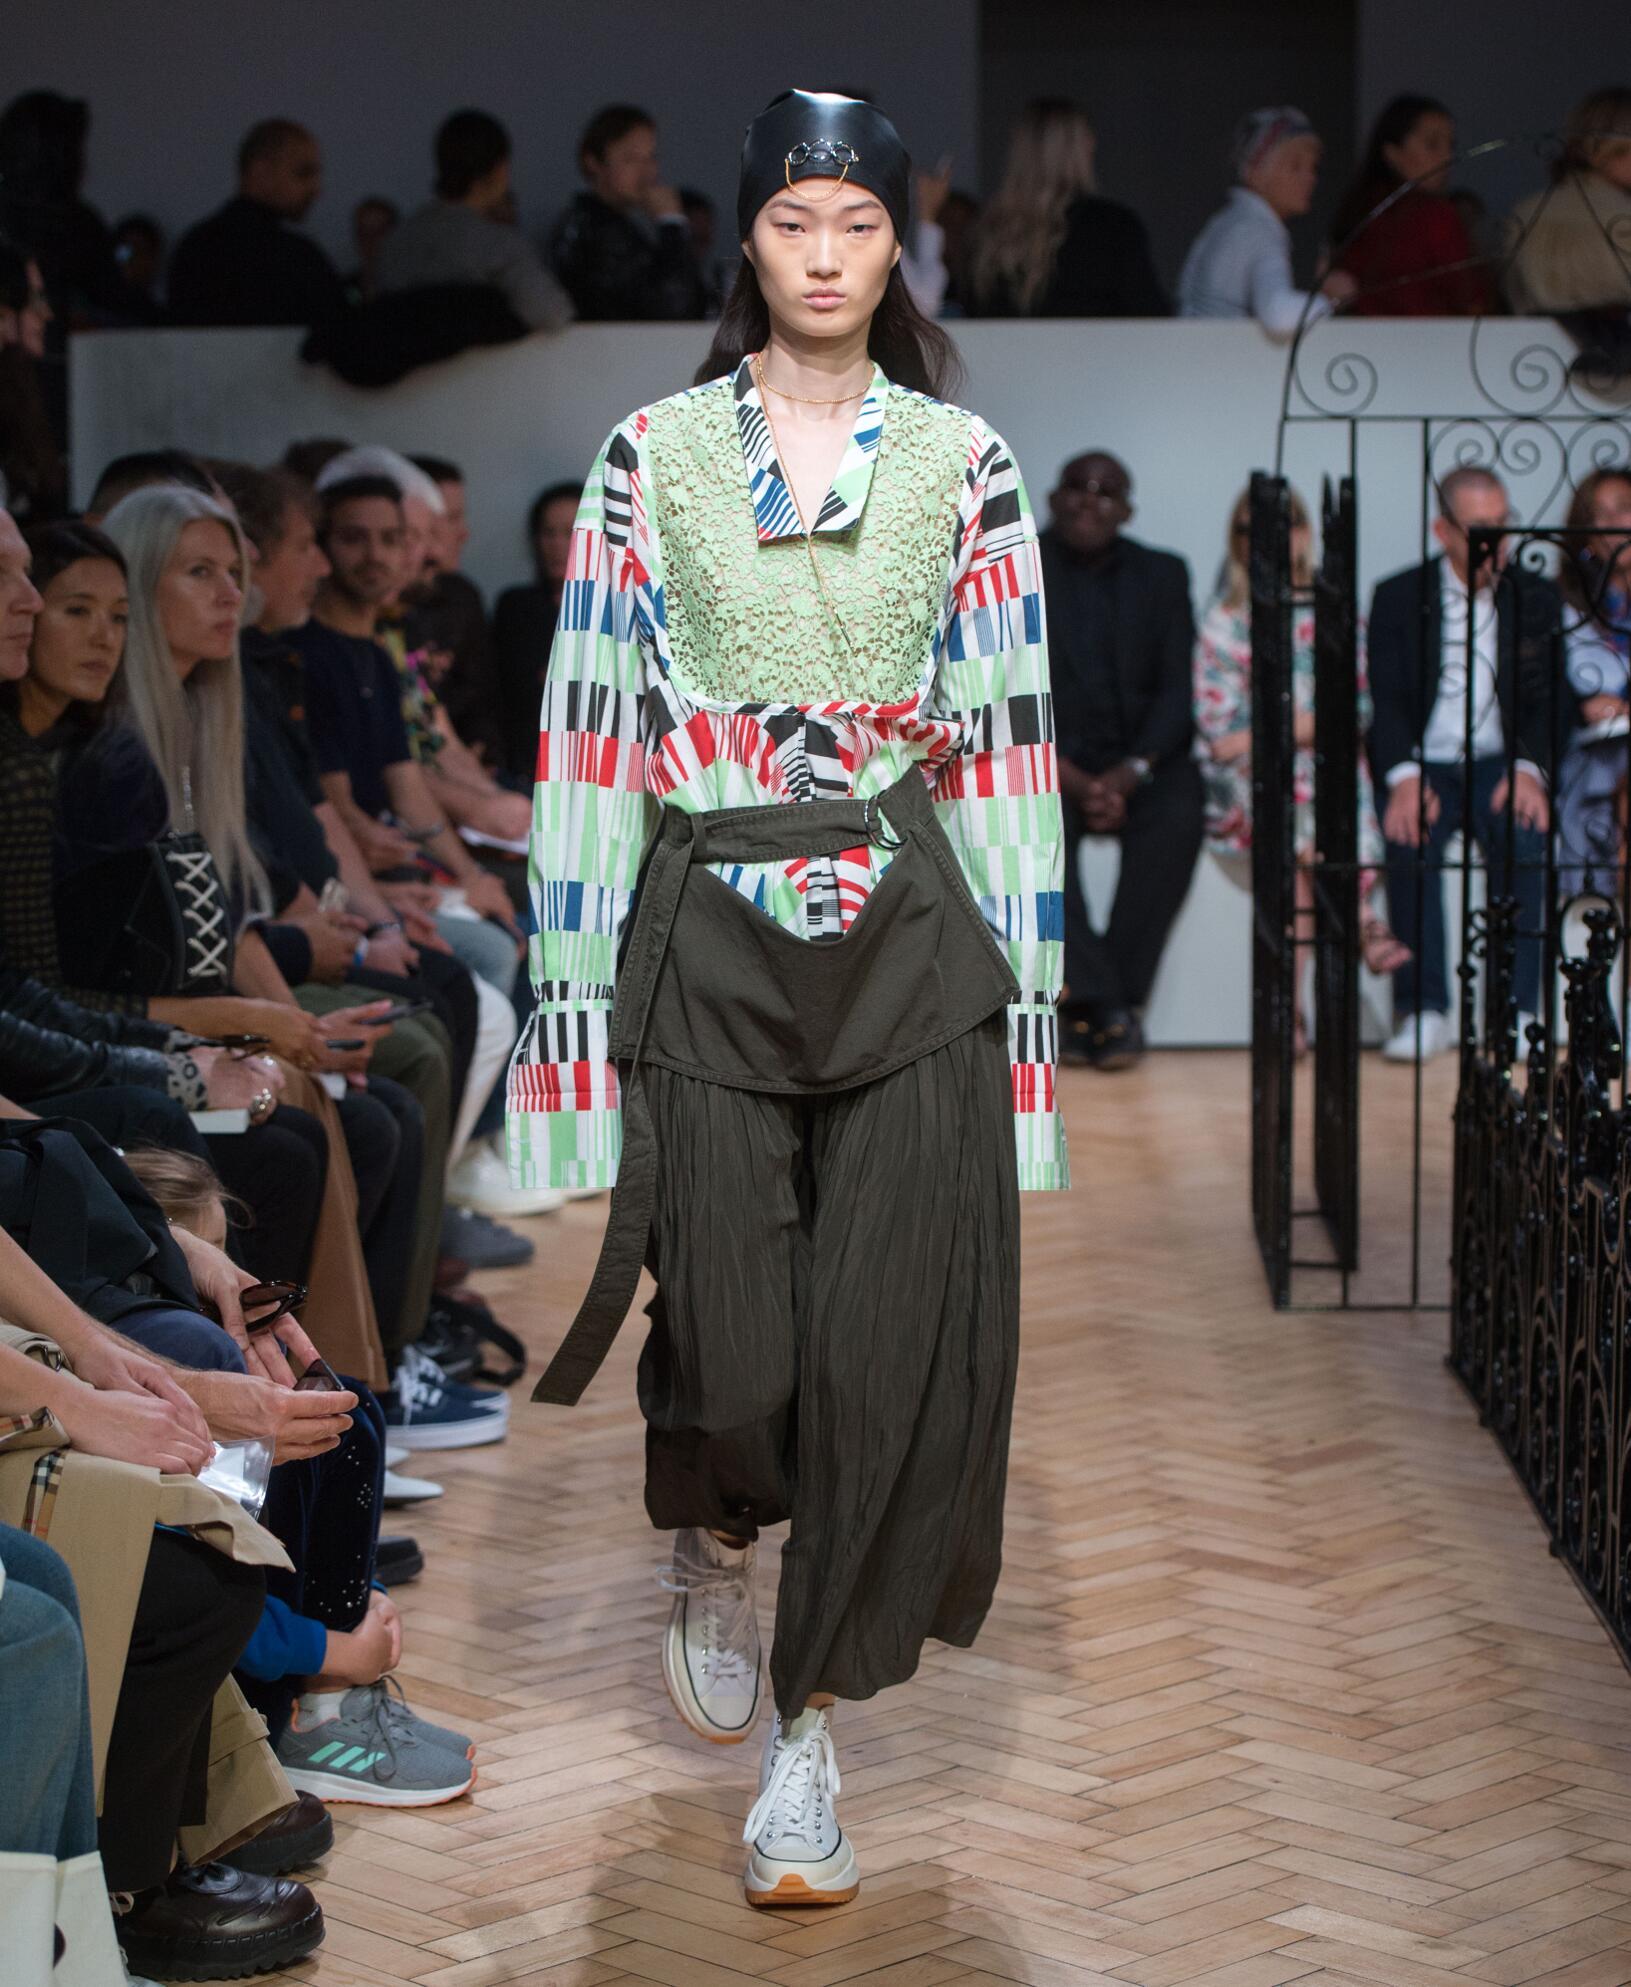 J.W. Anderson SS 2019 Womenswear